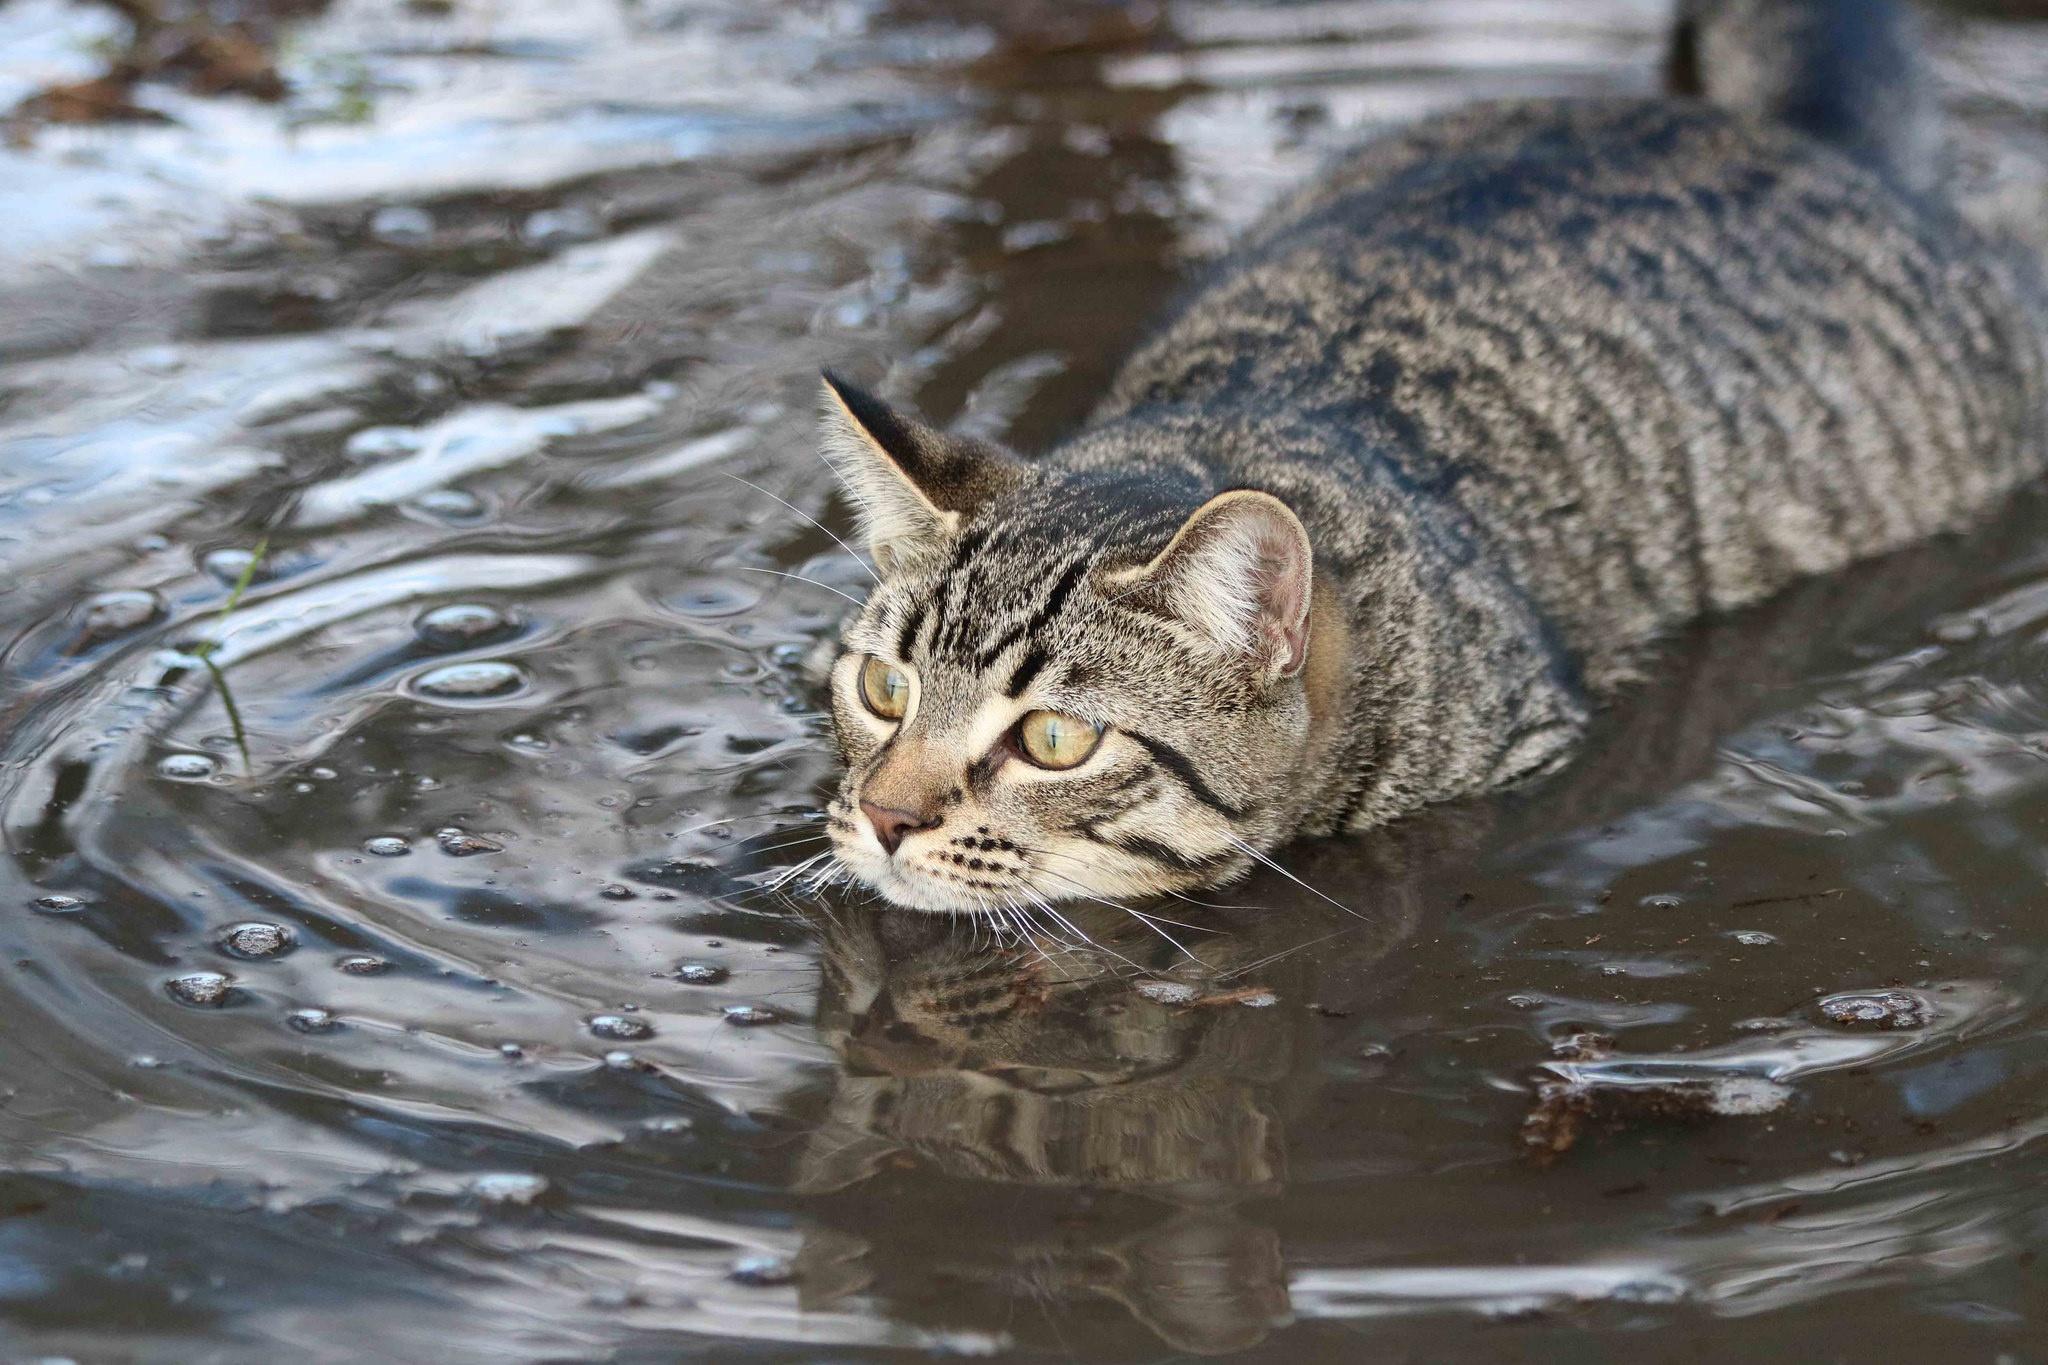 Фотографии Кошки Плывет воде Животные кот коты кошка плывут плавают плавает плывущий плавающий Вода животное